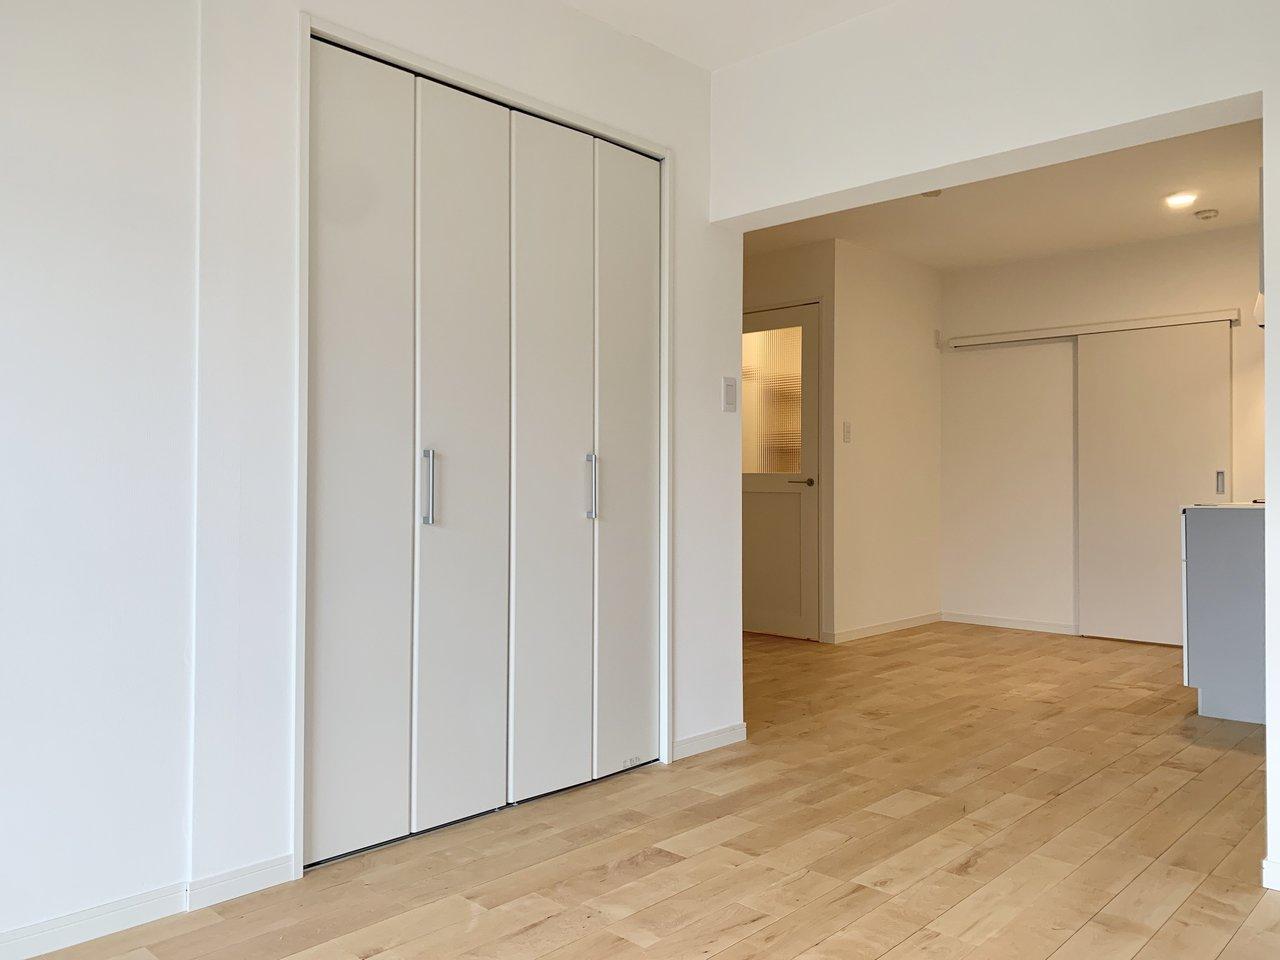 収納スペースは寝室とリビングにそれぞれあるのもうれしいポイント。それぞれの用途に合わせて使い分けましょう。